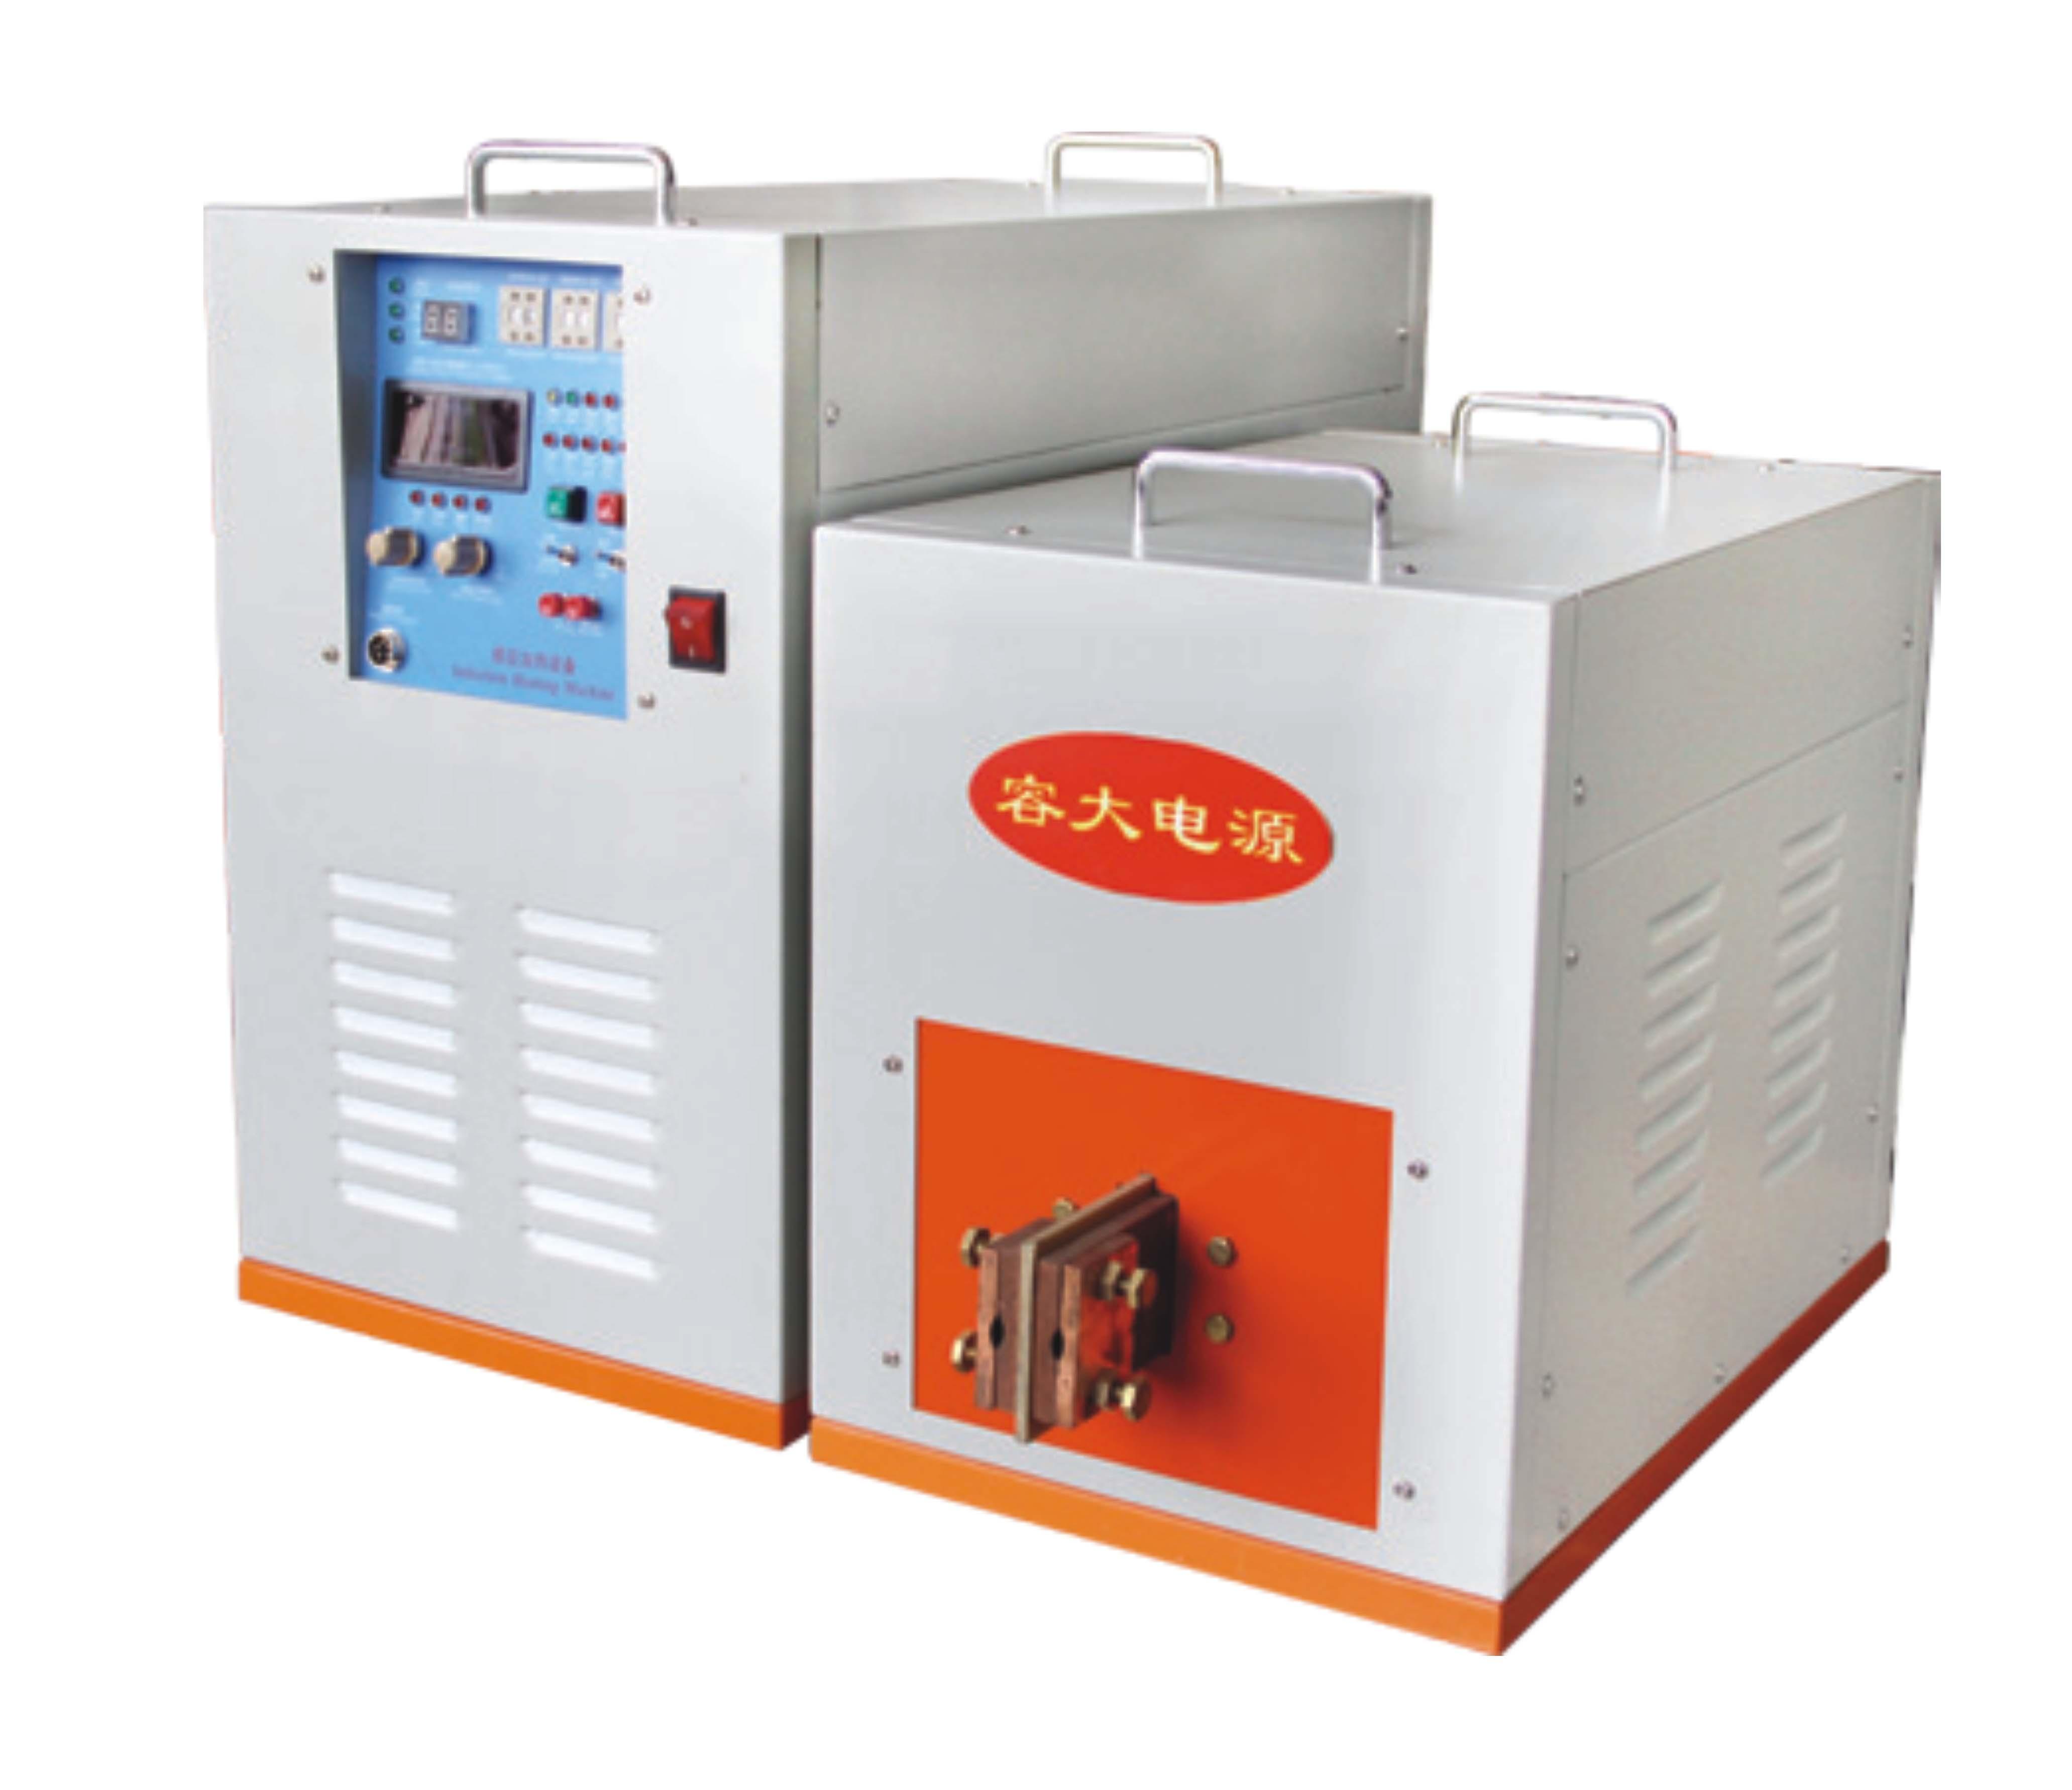 容大電源分享高頻感應加熱設備的特點